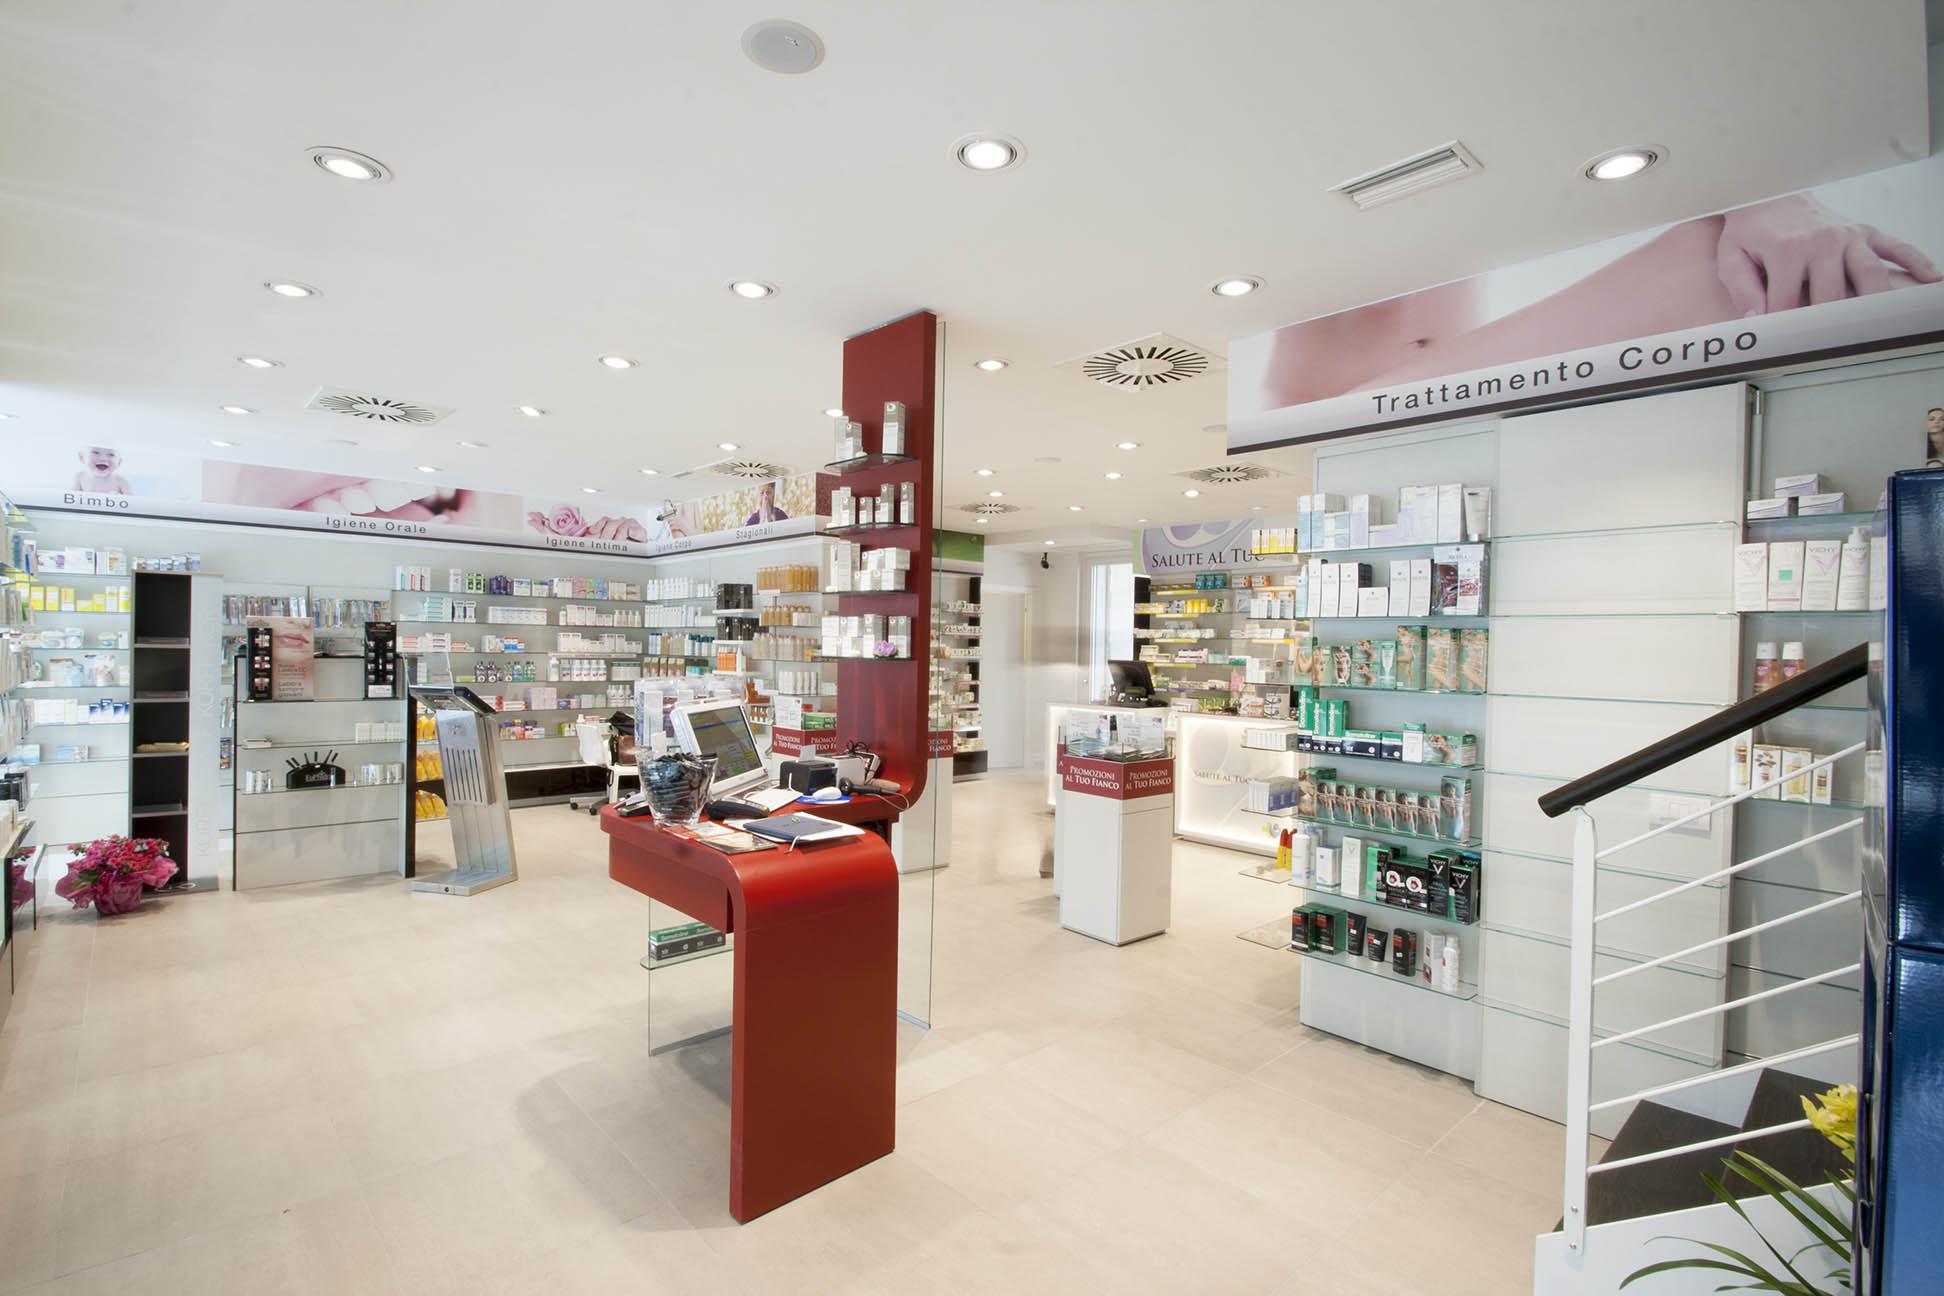 Foto dettaglio elemento centrale zona area vendita farmacia Gagliardelli Varese